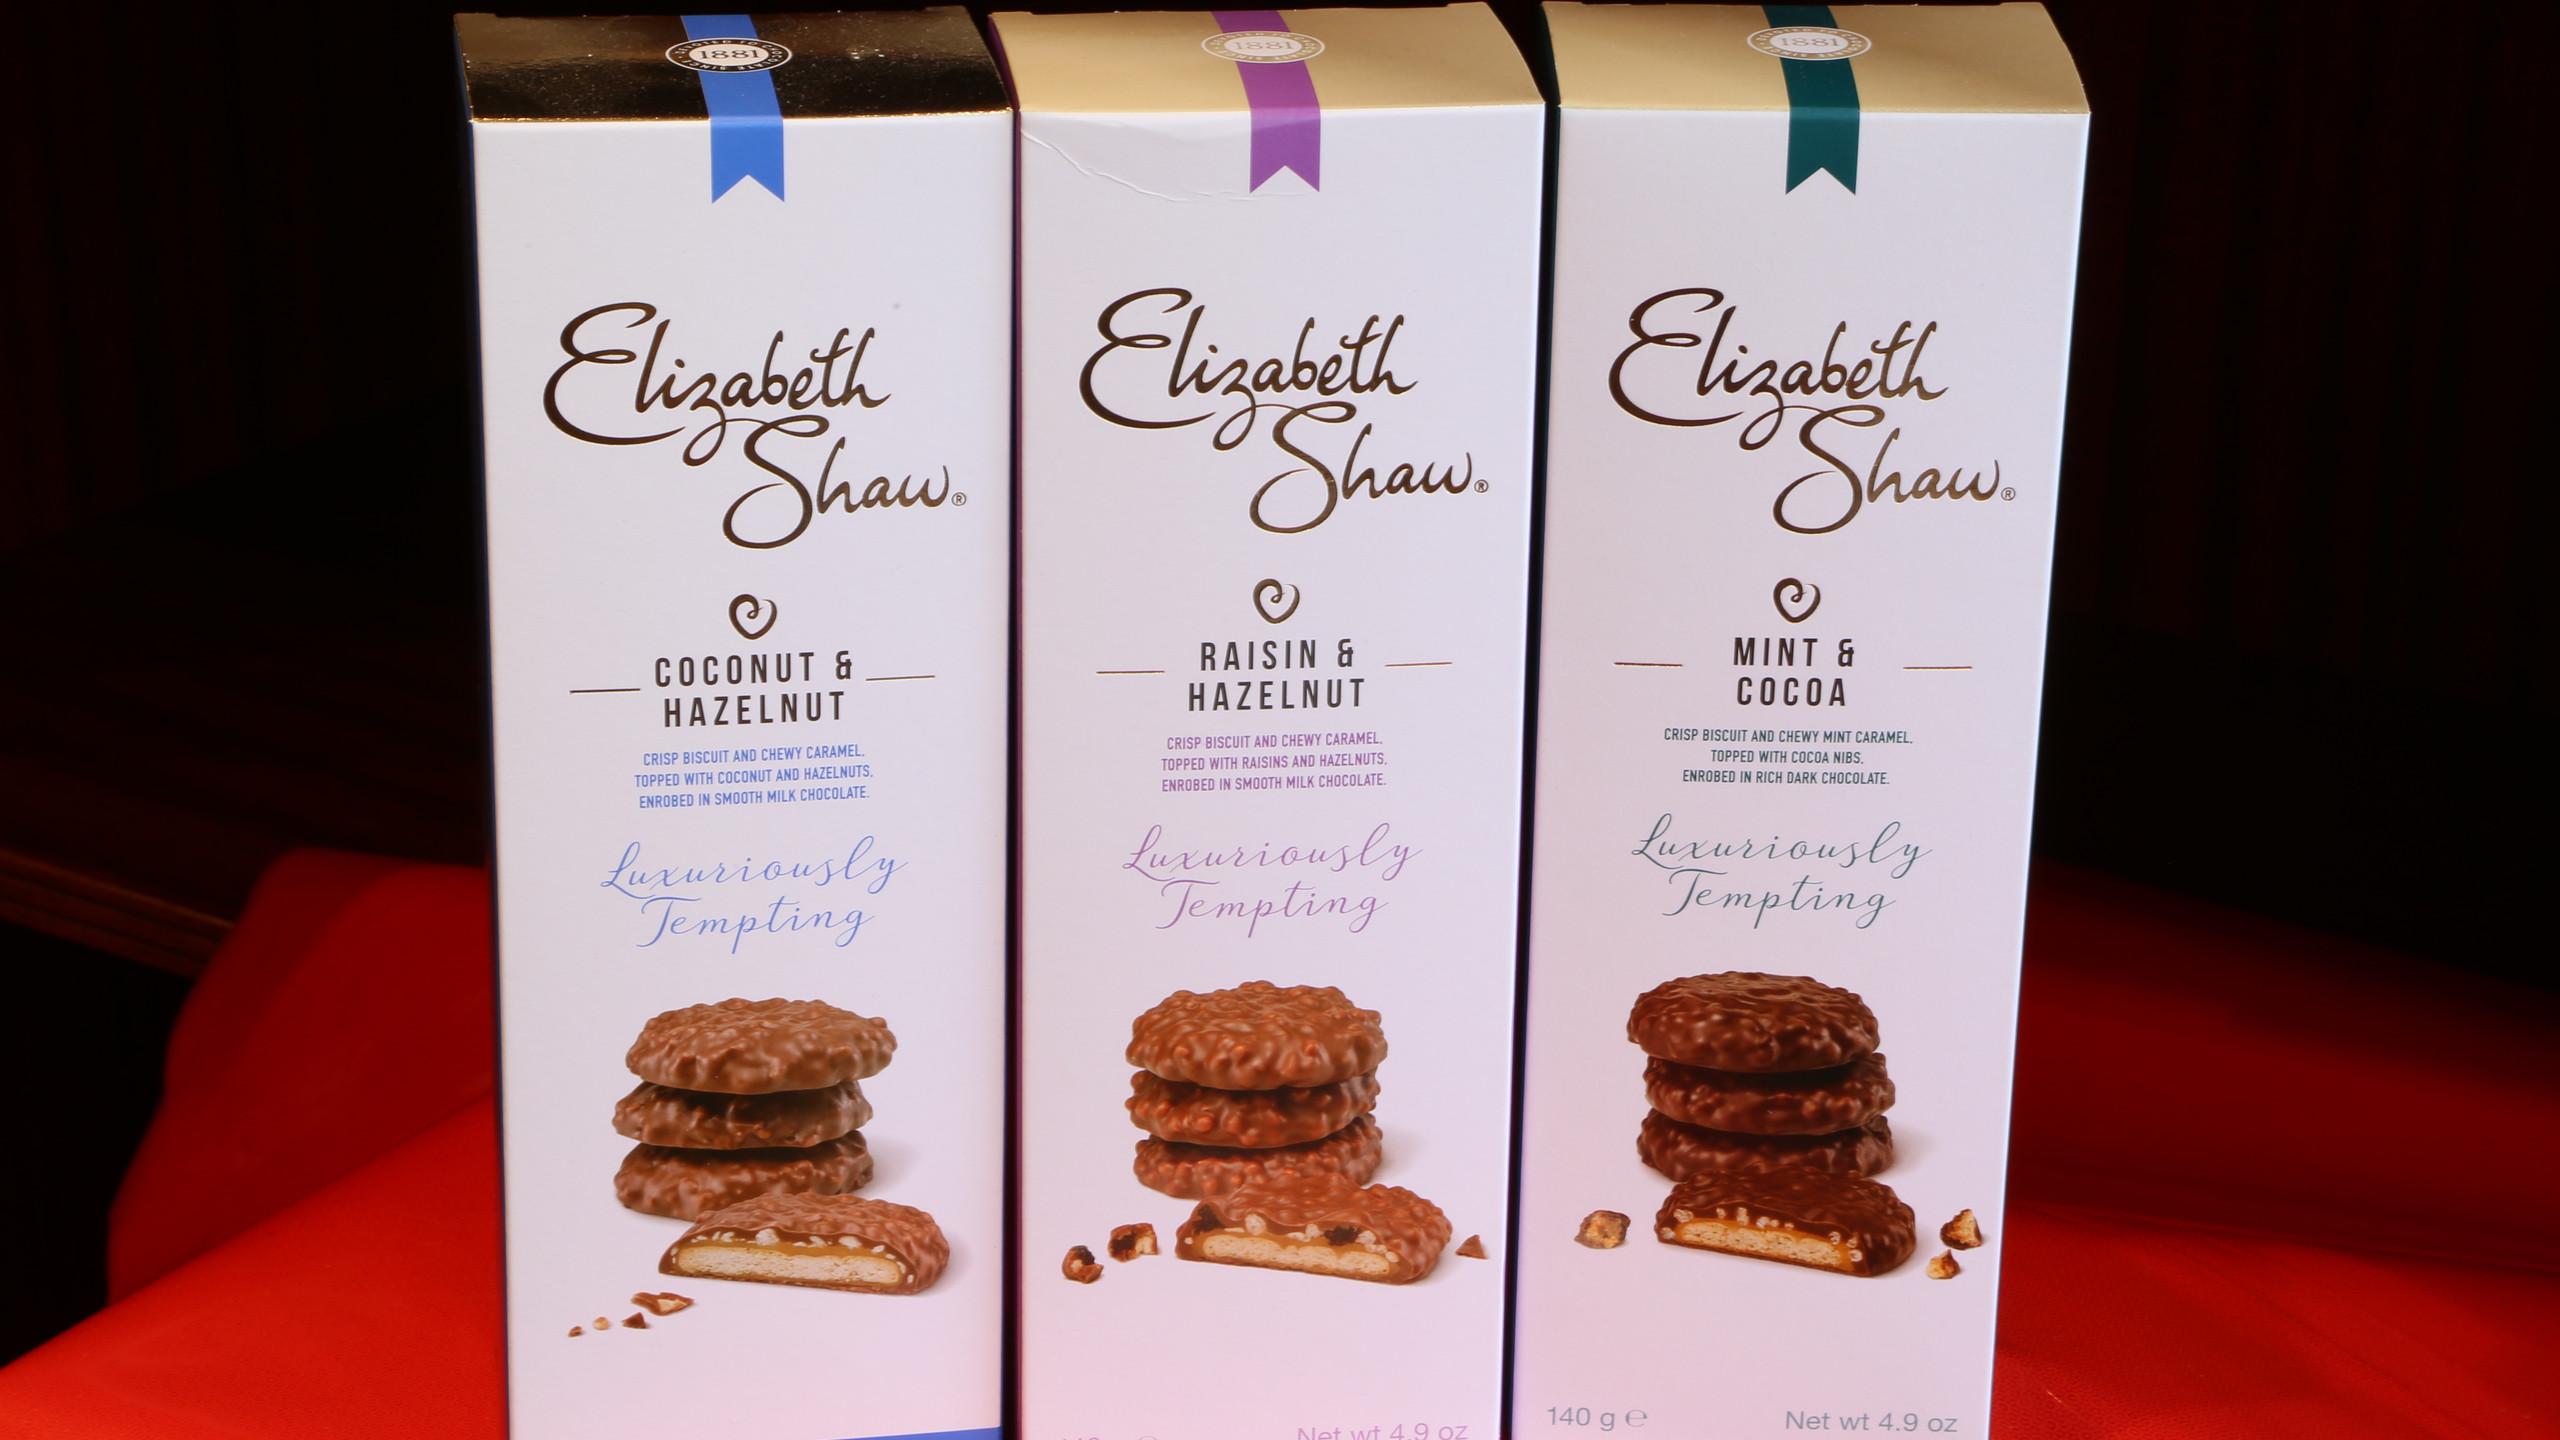 Elizabeth Shaw biscuits